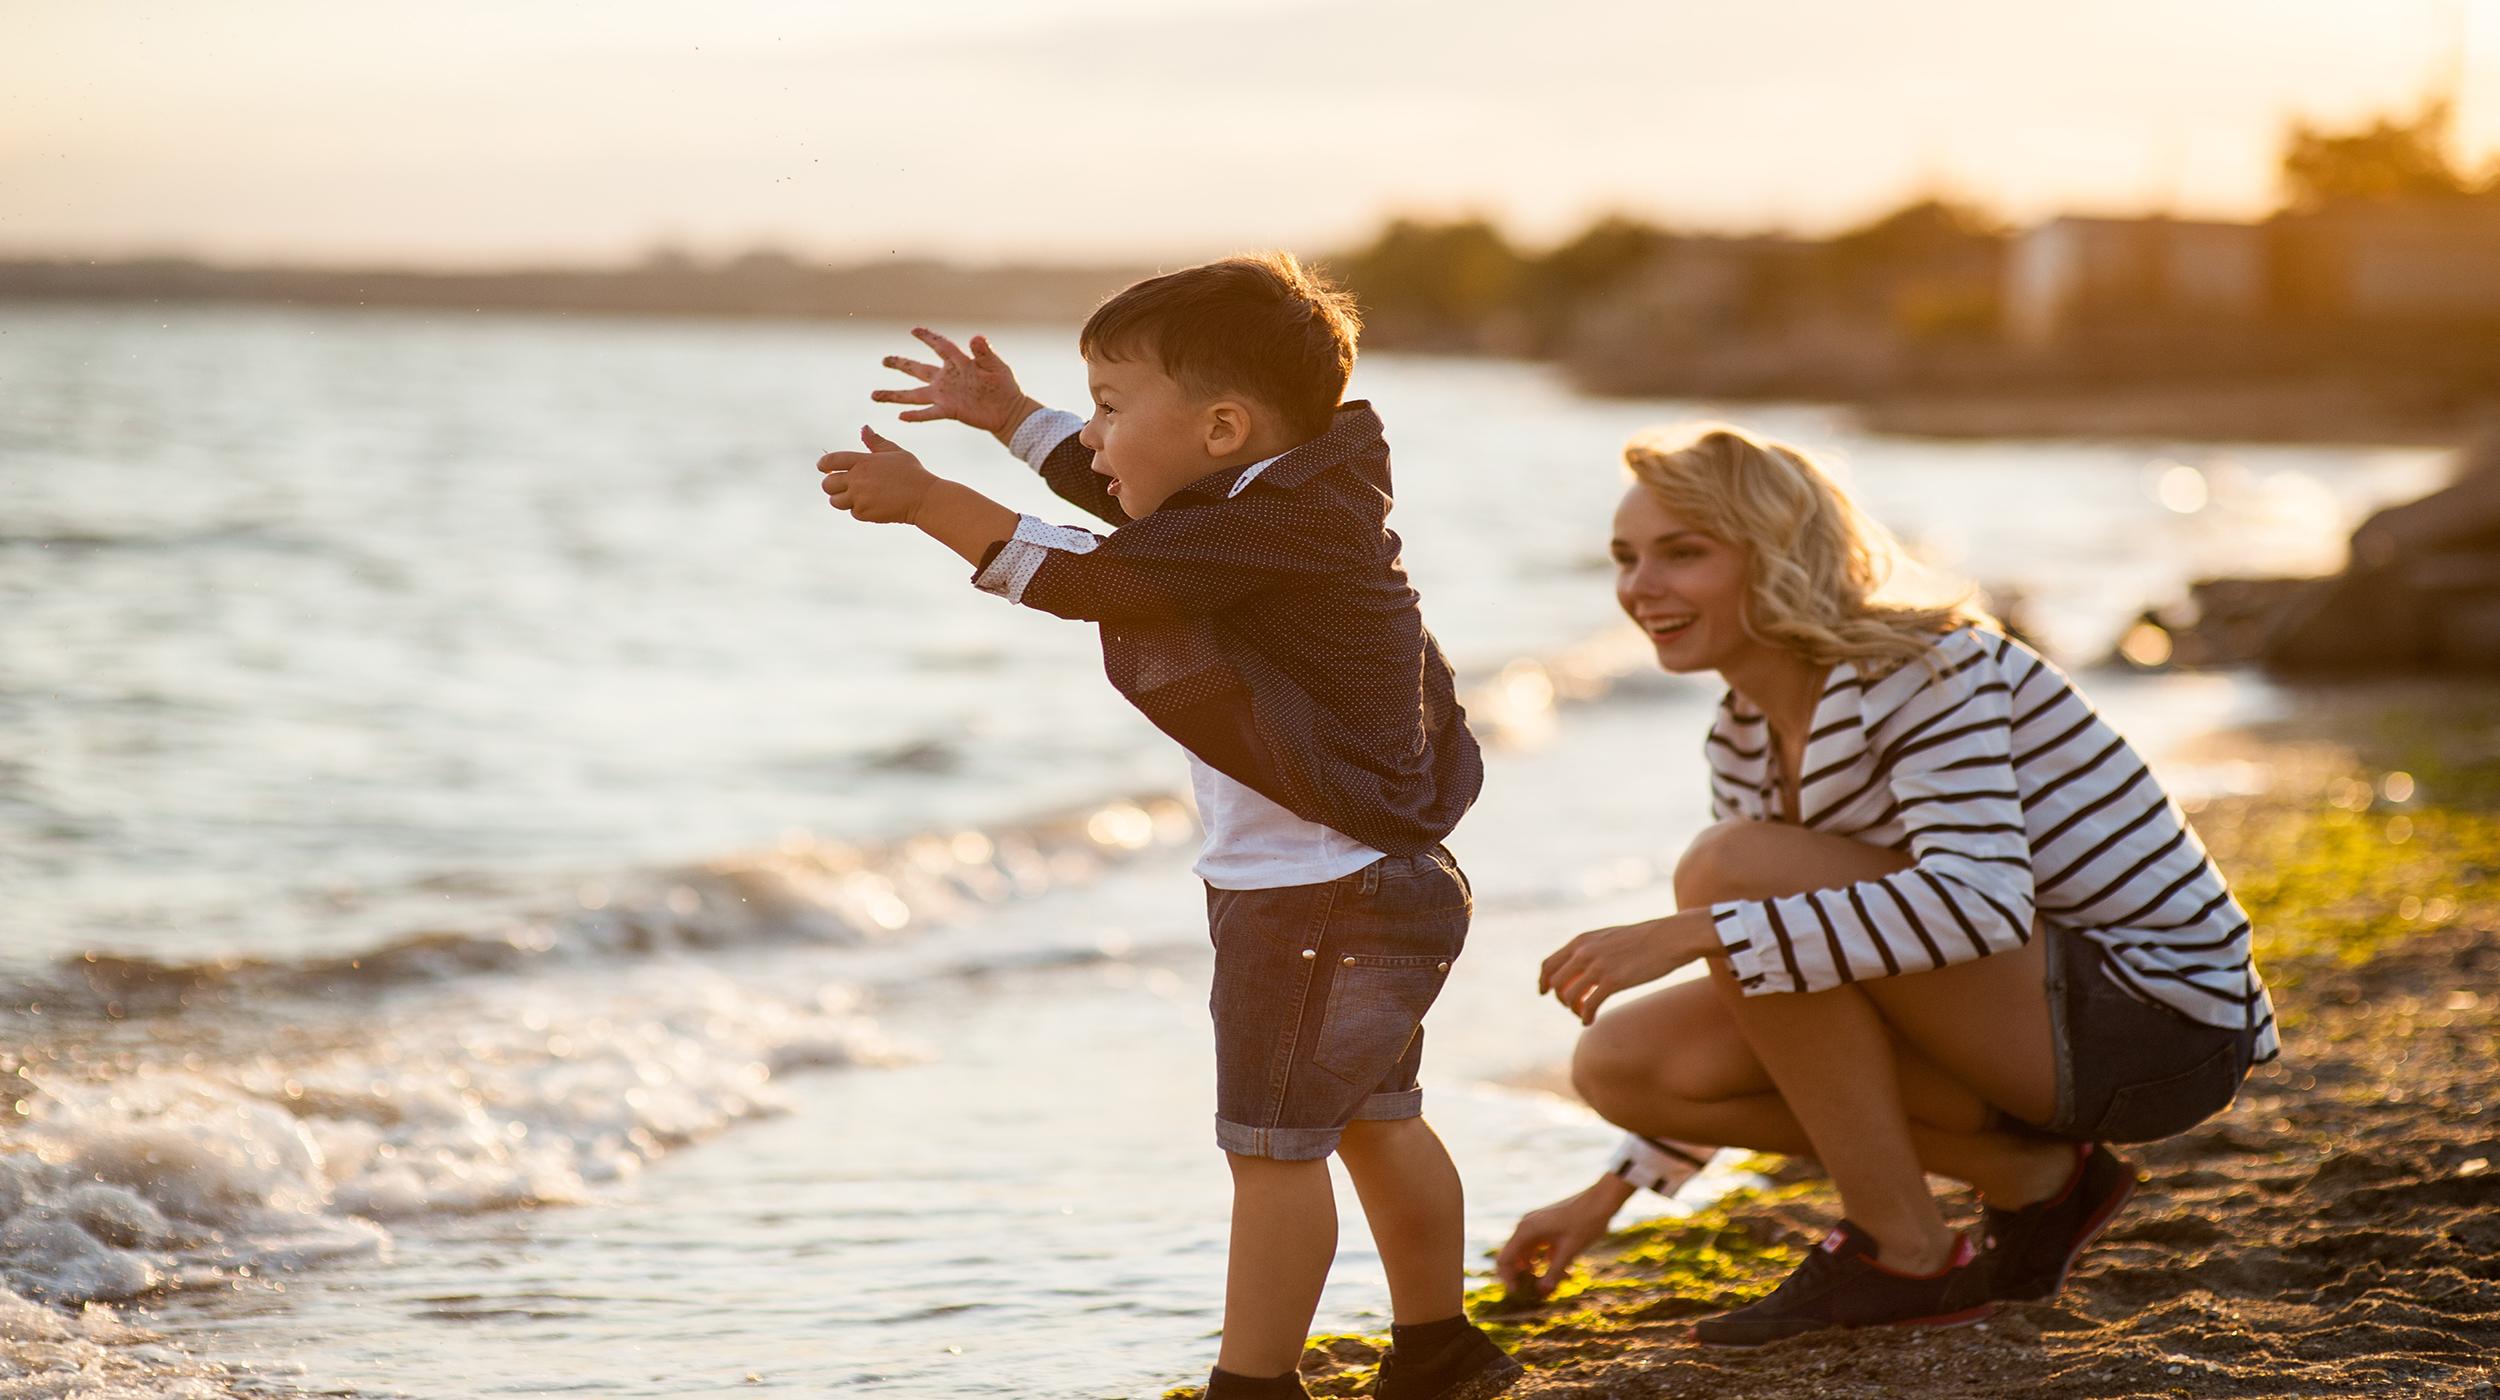 Au pair with child